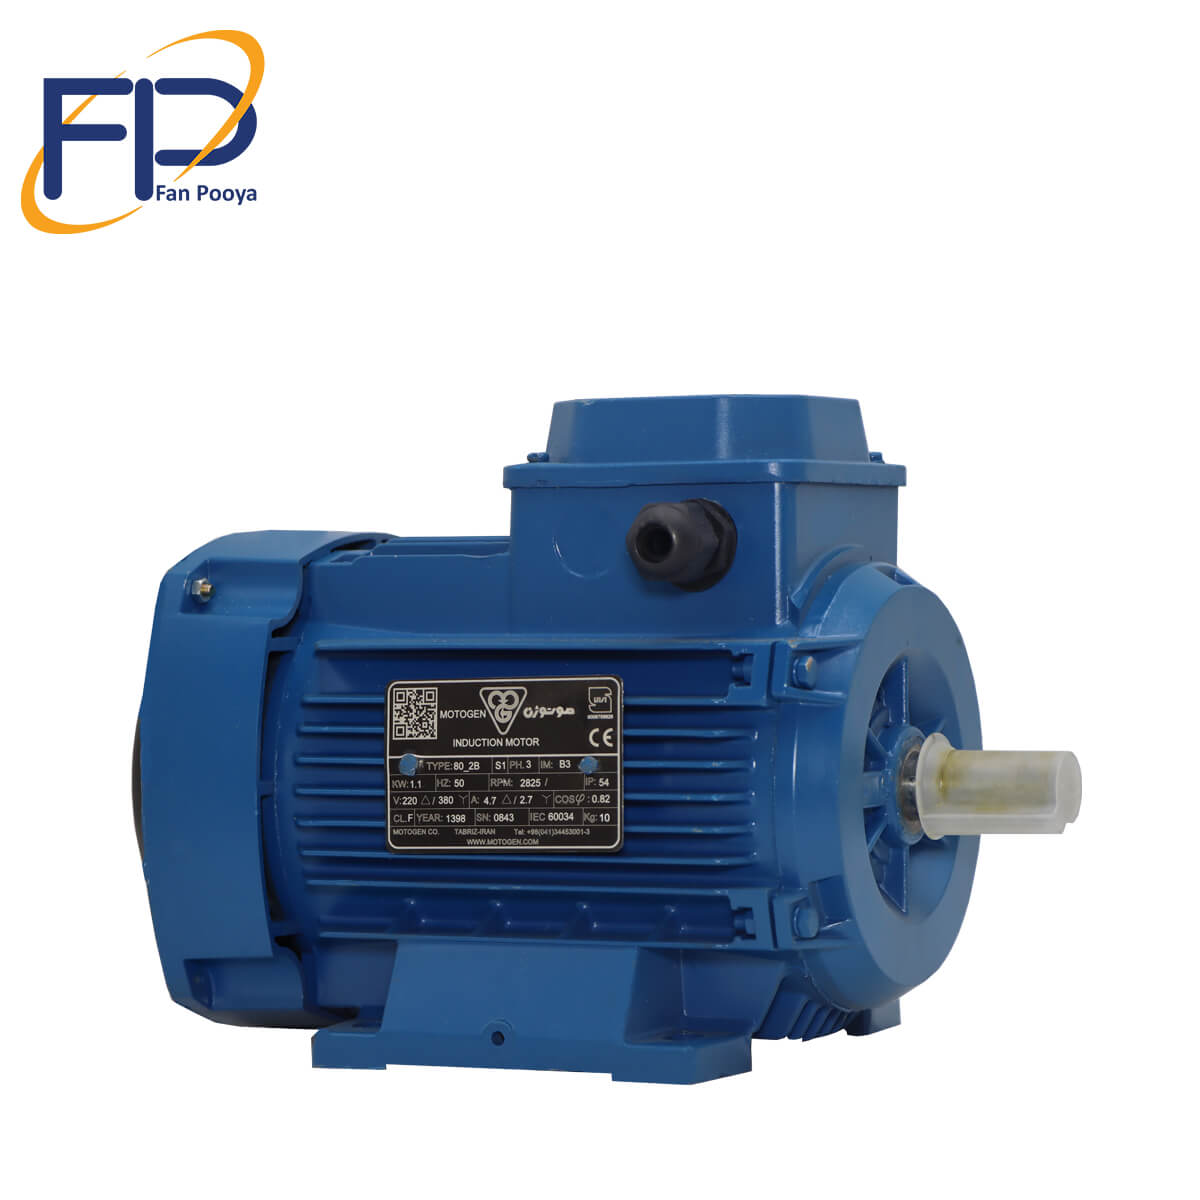 الکترو موتور موتوژن قدرت 0.25kw کیلو وات1500 دور